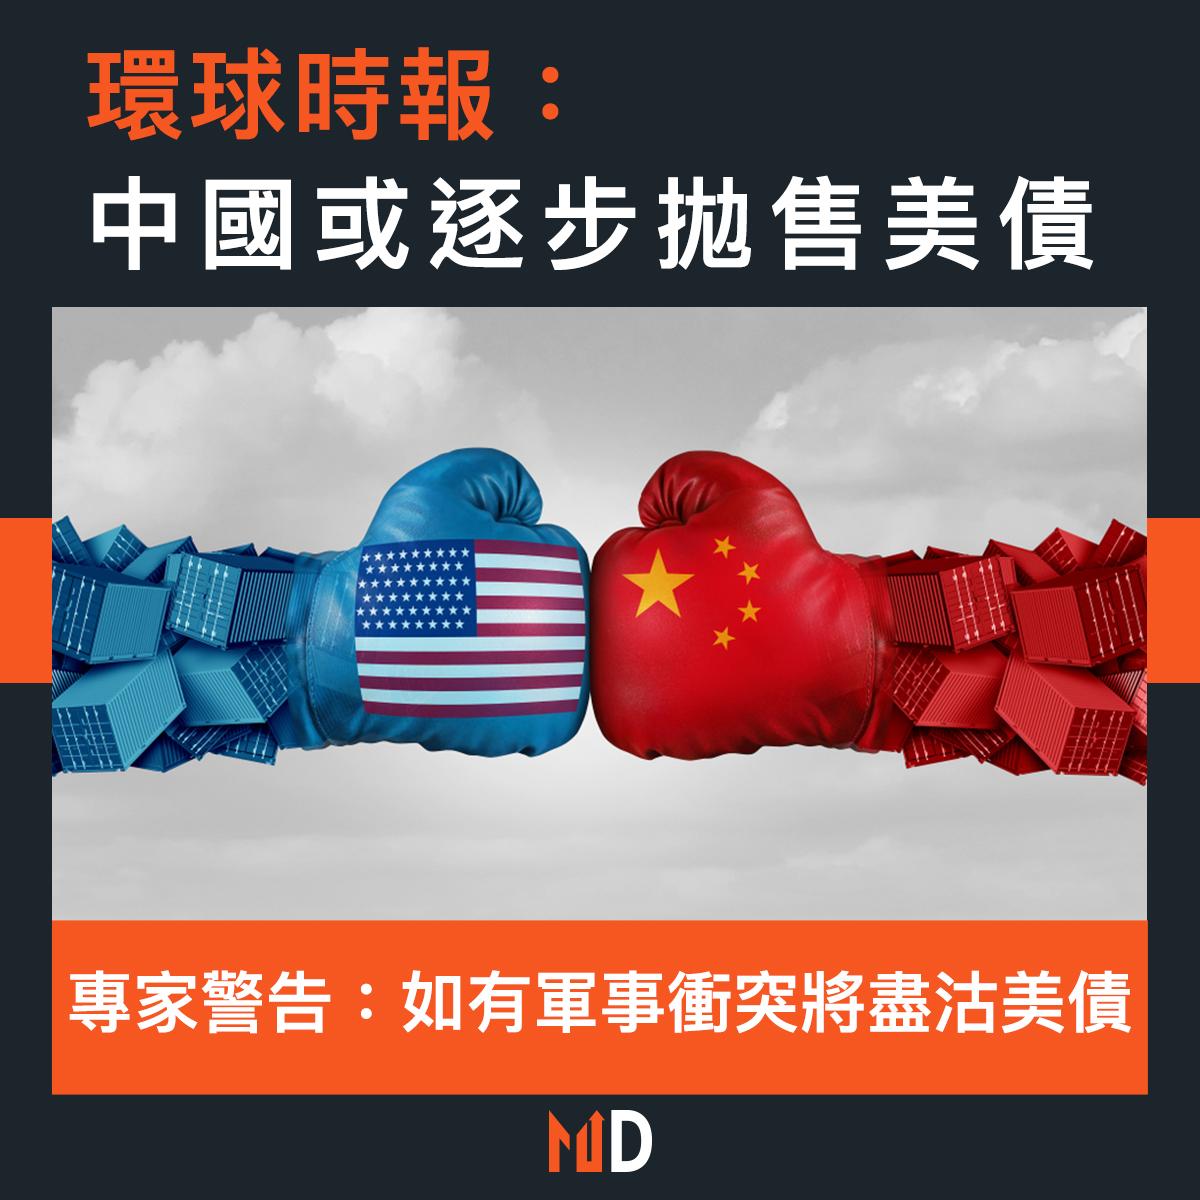 【市場熱話】環球時報:中國或逐步拋售美債